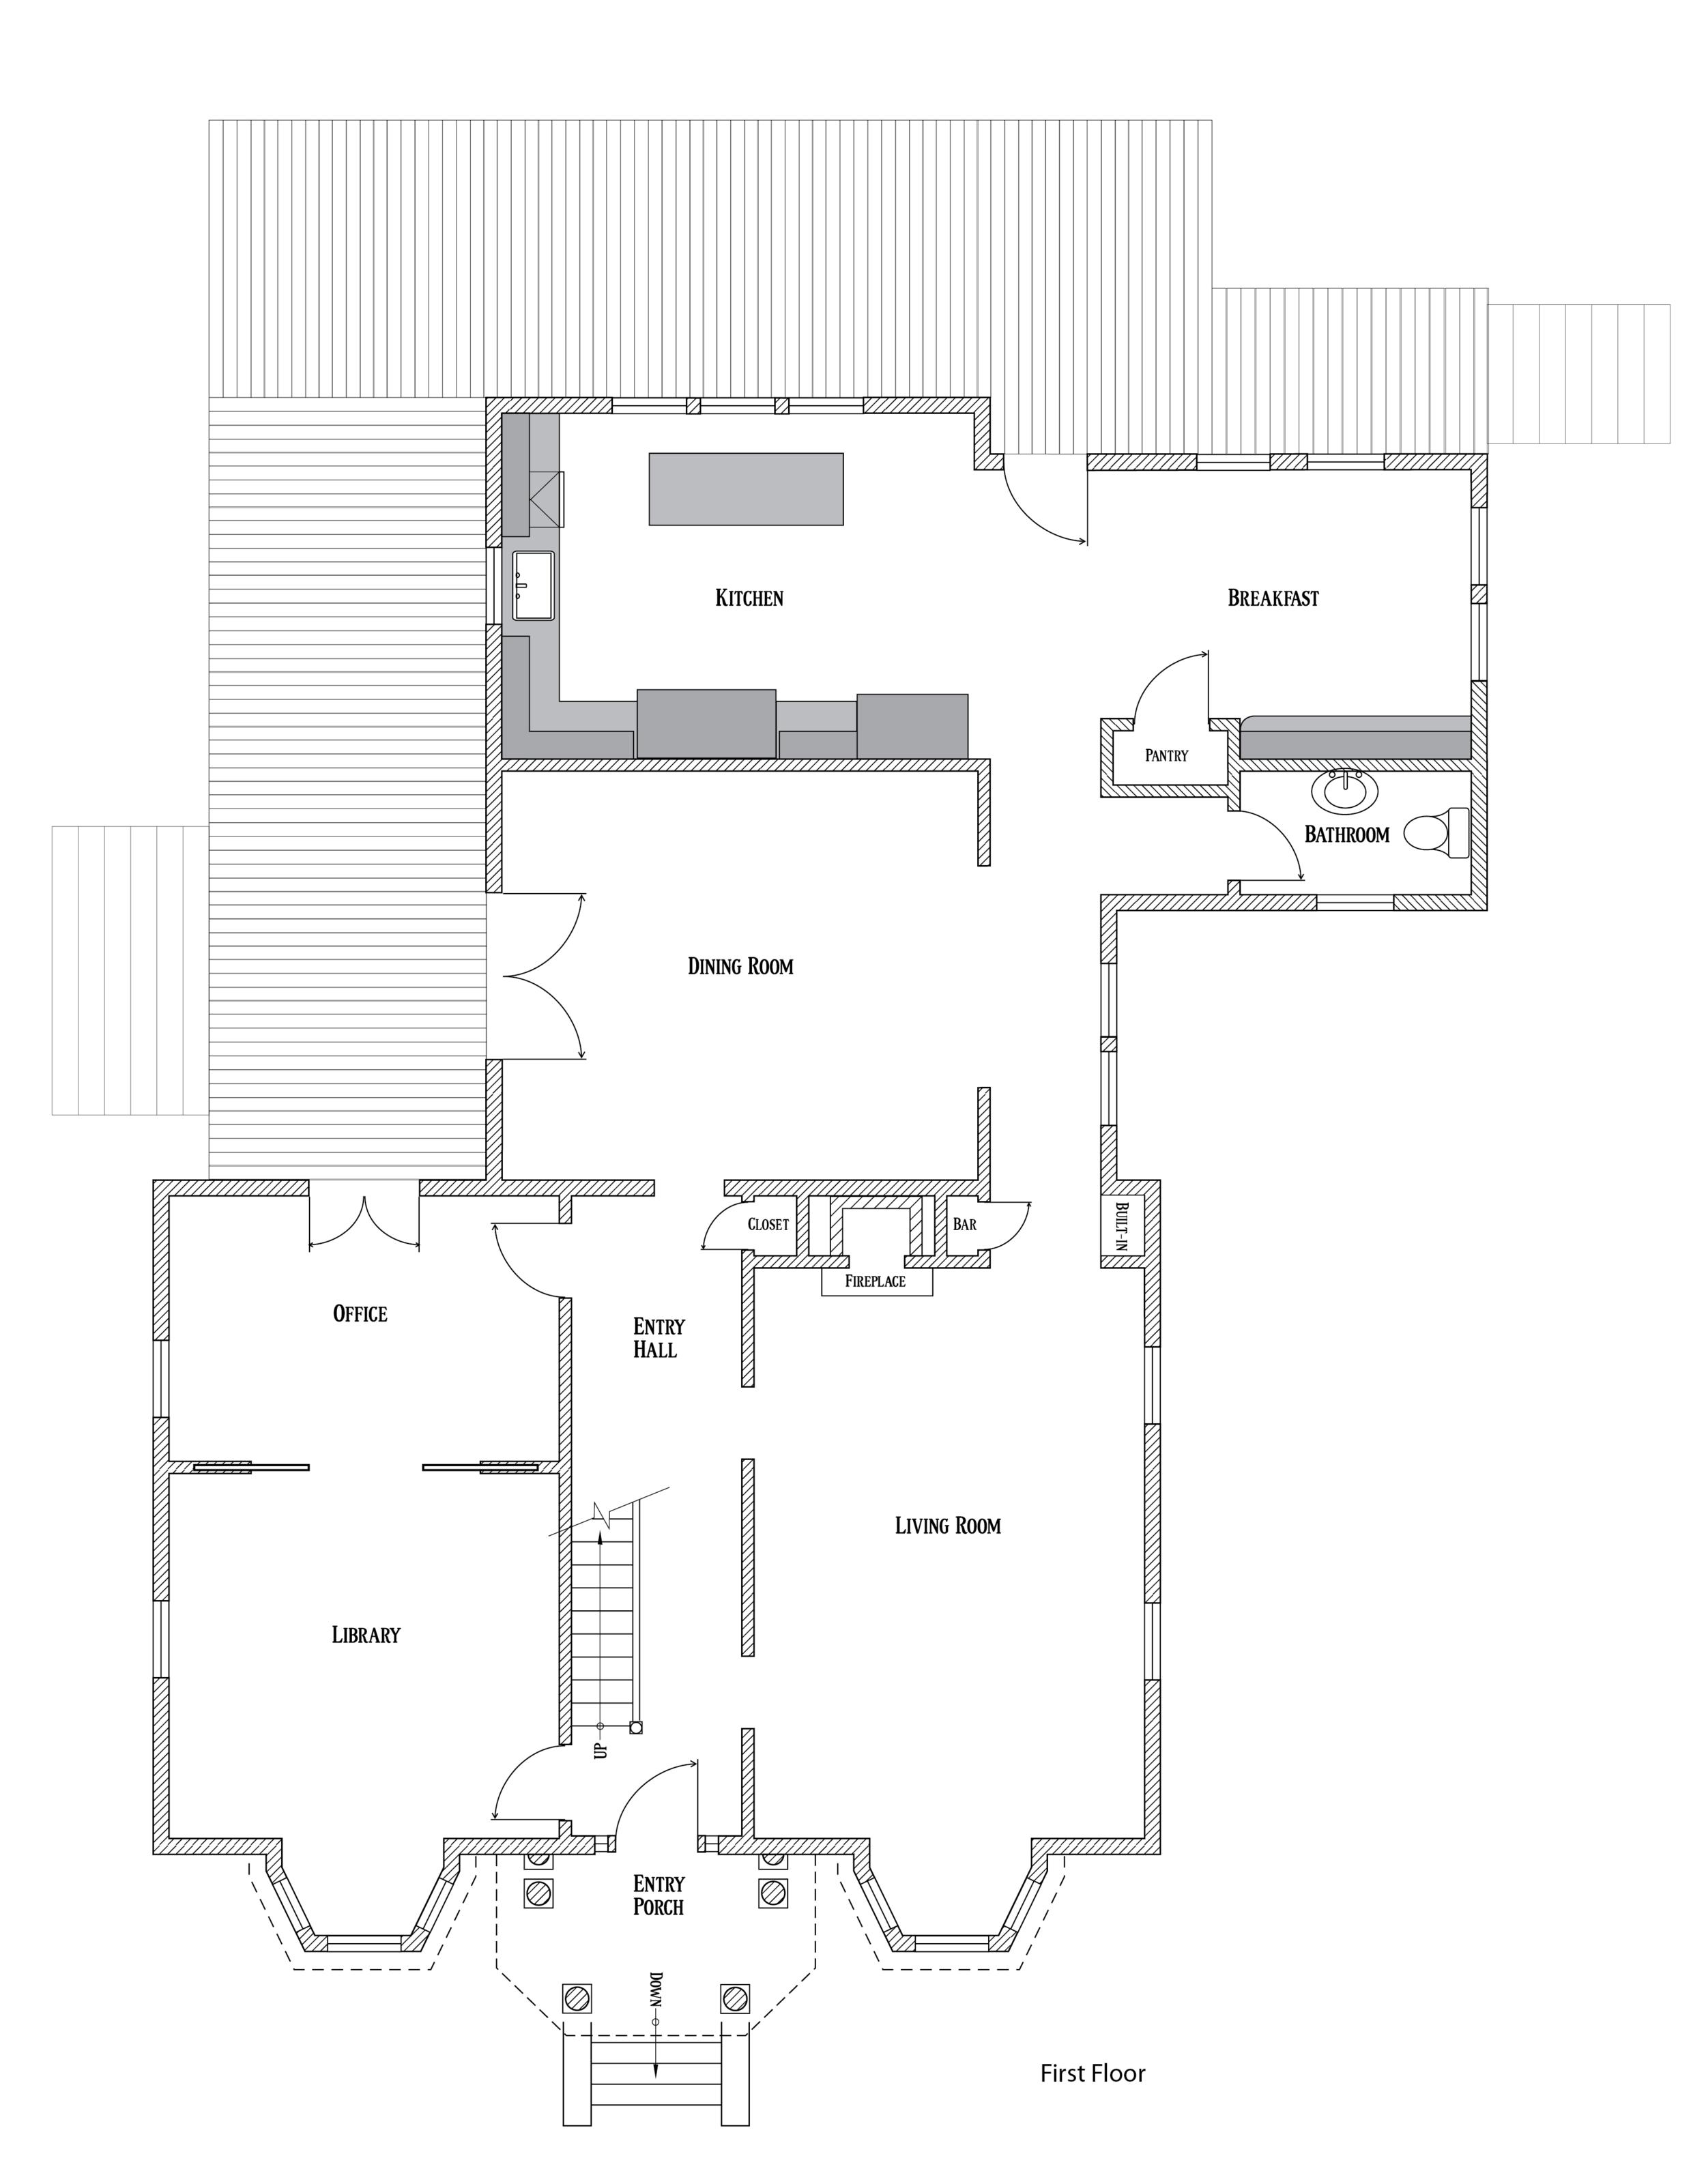 1First Floor Floor Plan-2-01.png